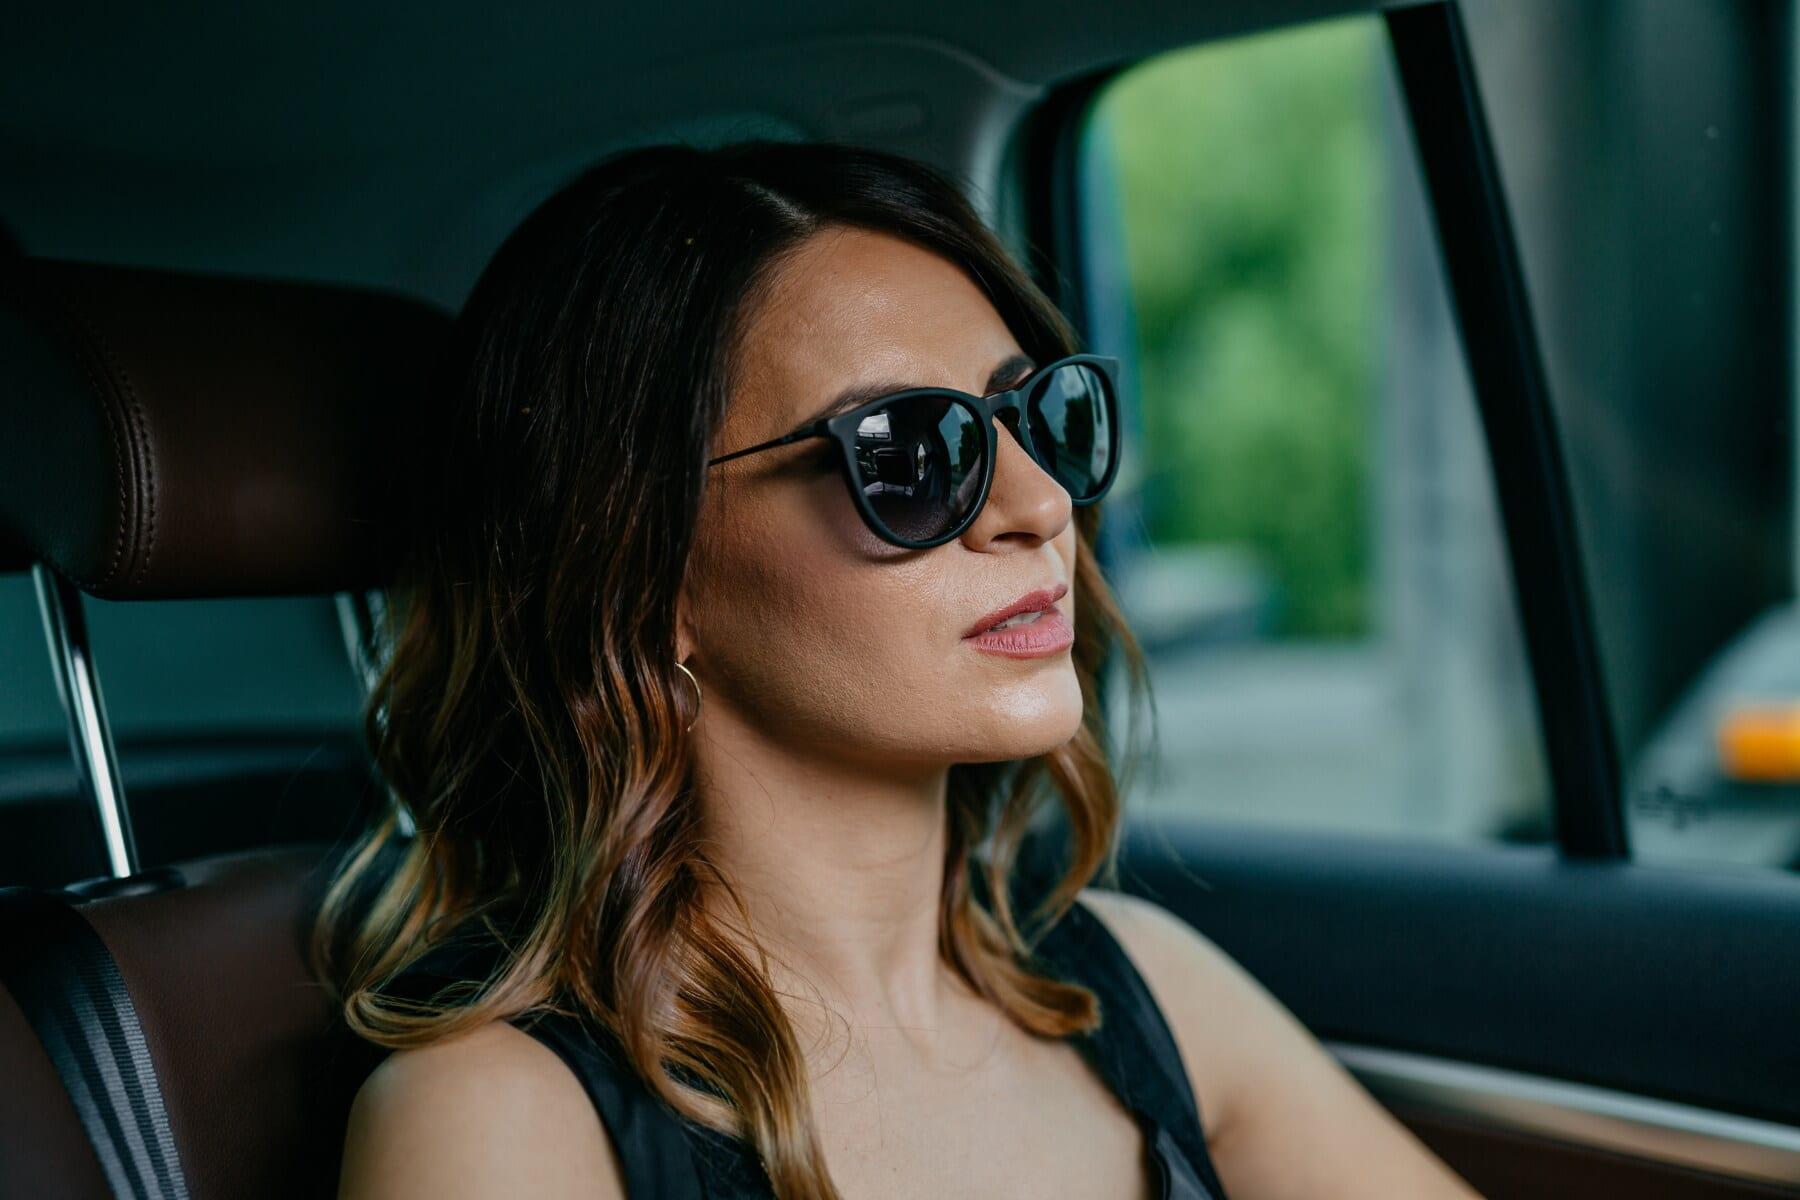 passager, femme, siège-auto, voyage, voyageur, portrait, ceinture de sécurité, attrayant, mode, lunettes de soleil